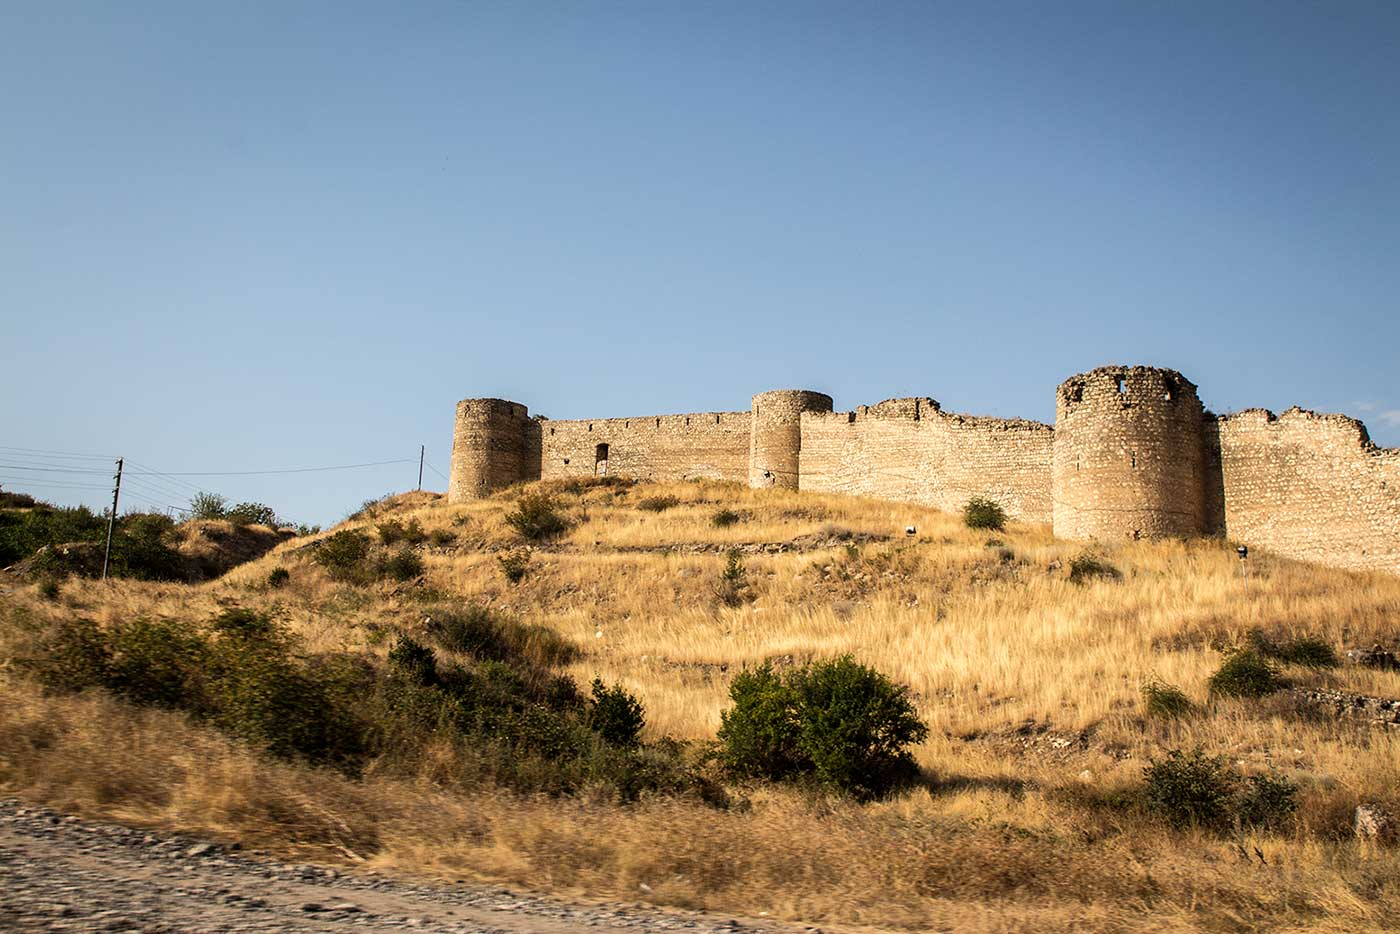 Ruins of the 18th century Askeran Fortress. Nagorno-Karabakh.